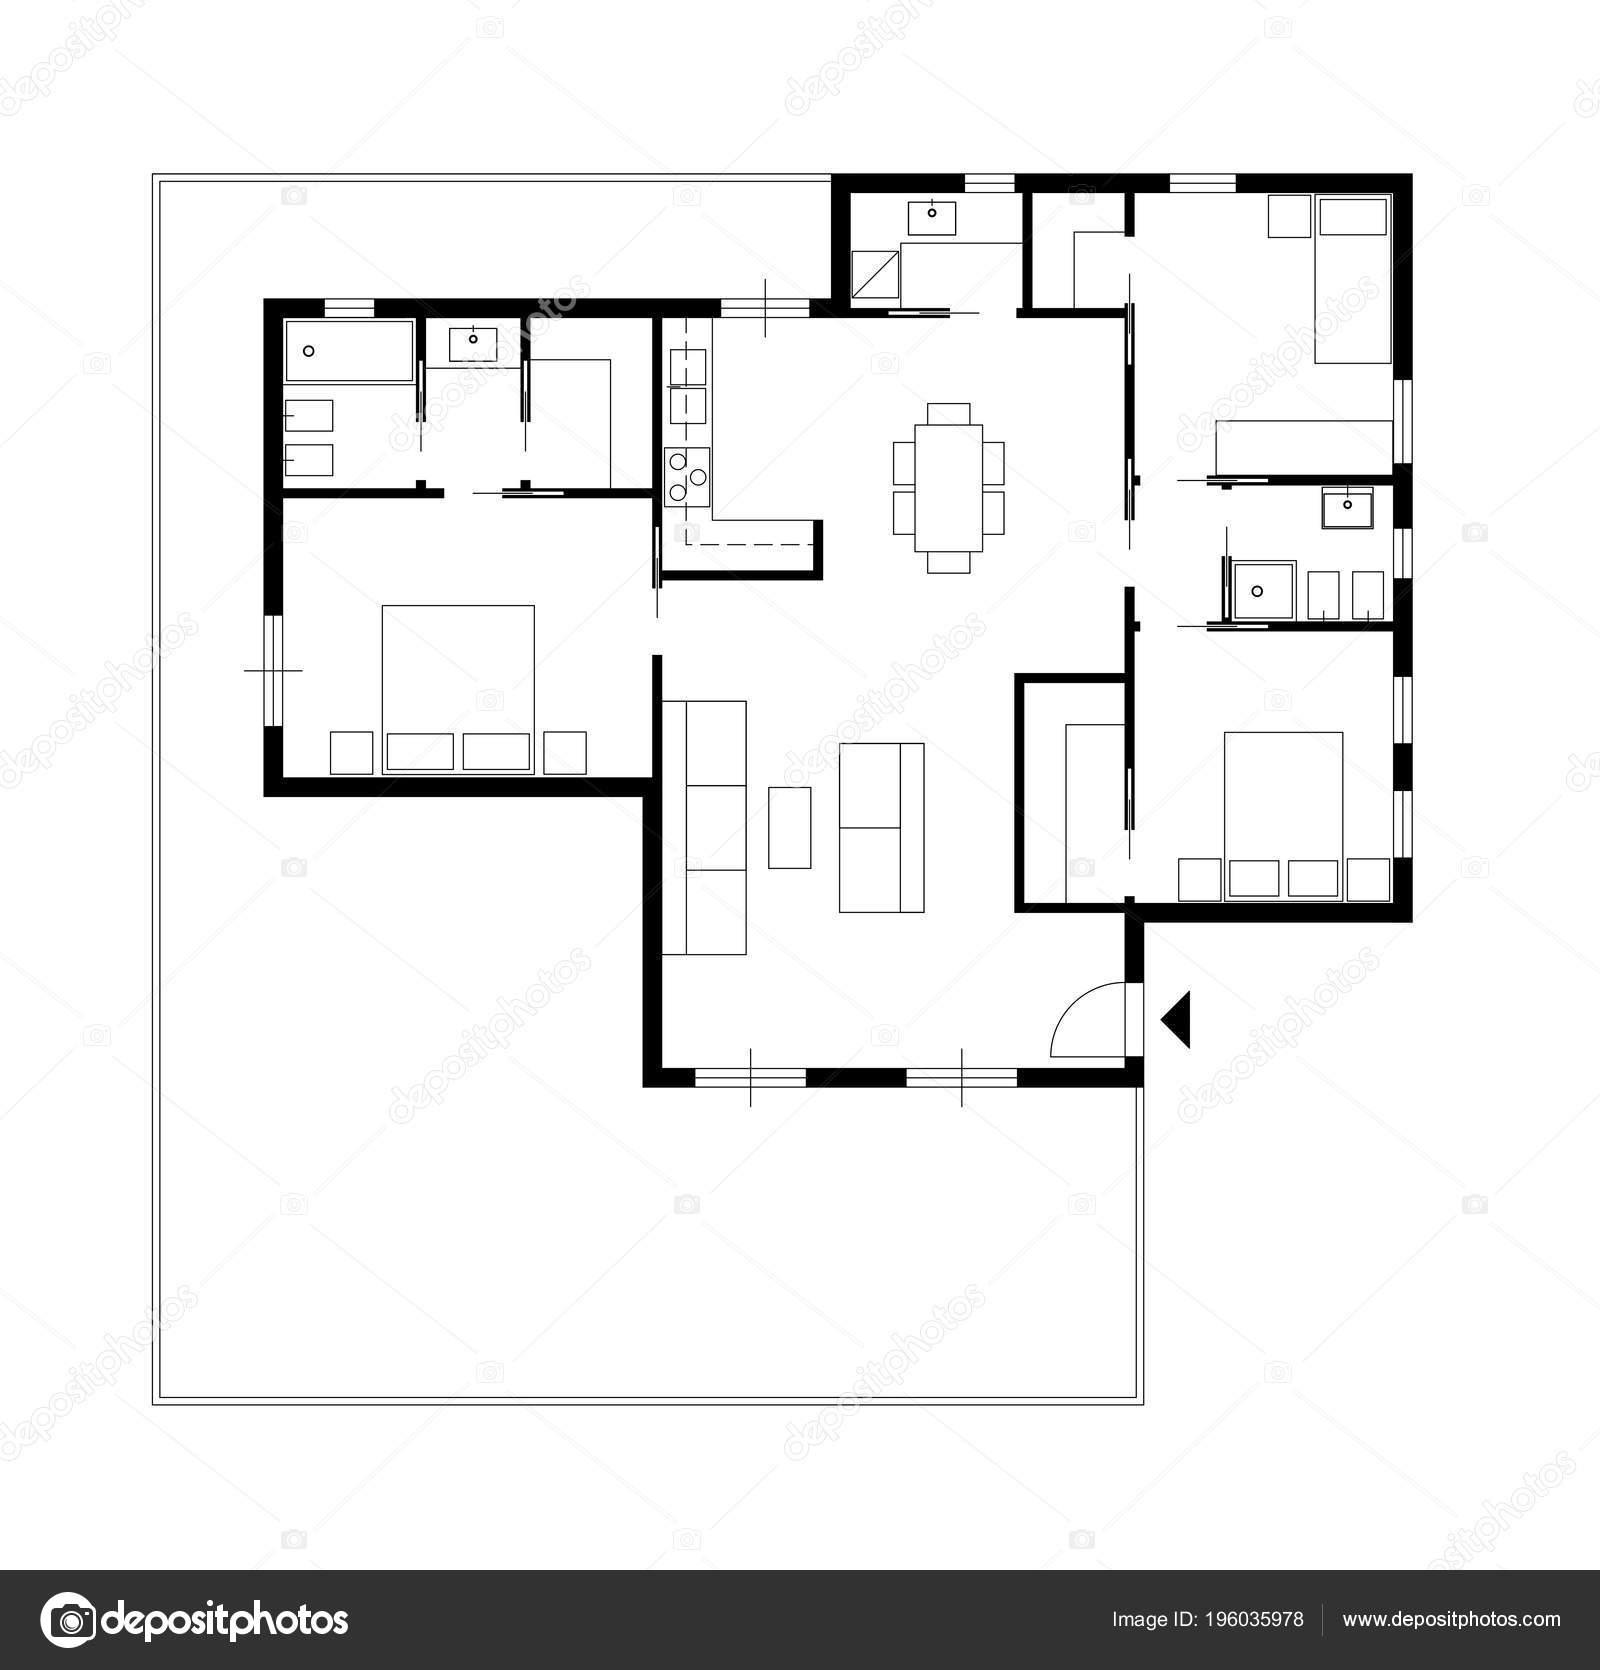 architecture d 39 int rieur dessin dessin architecture une maison priv e avec cuisine chambres salon. Black Bedroom Furniture Sets. Home Design Ideas